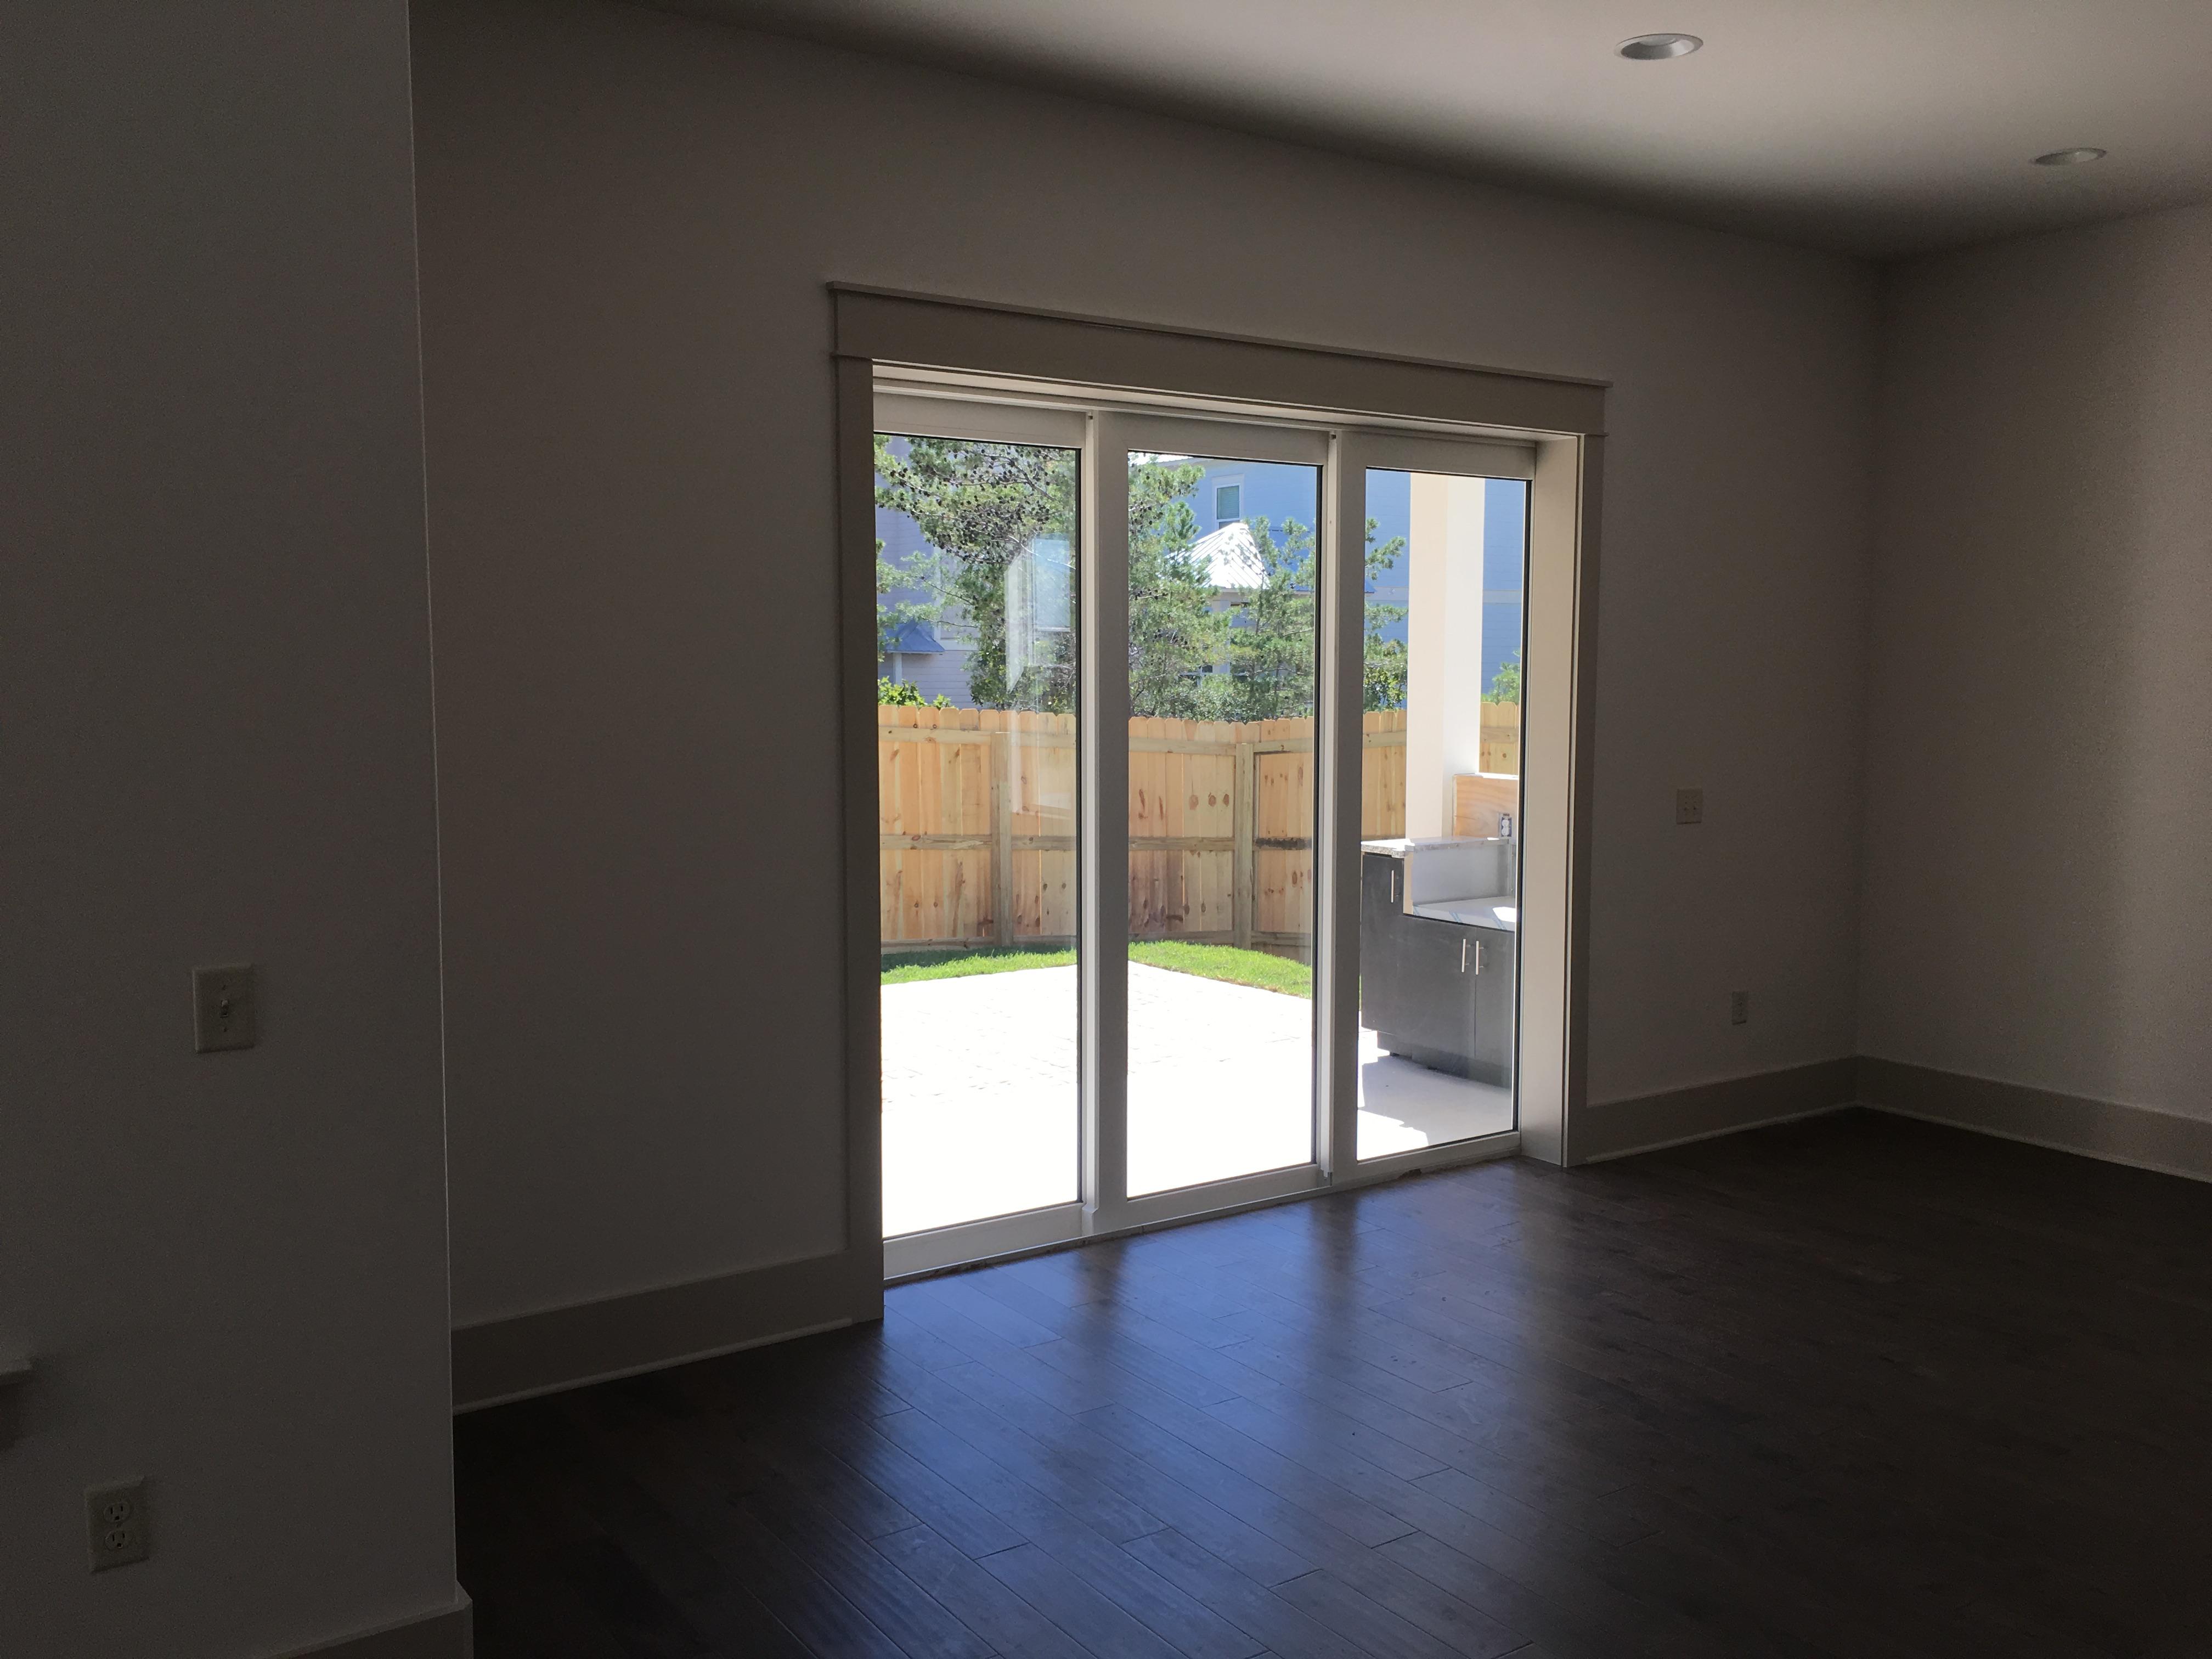 3 Panel Sliding Doors-img_4053-1-.jpg